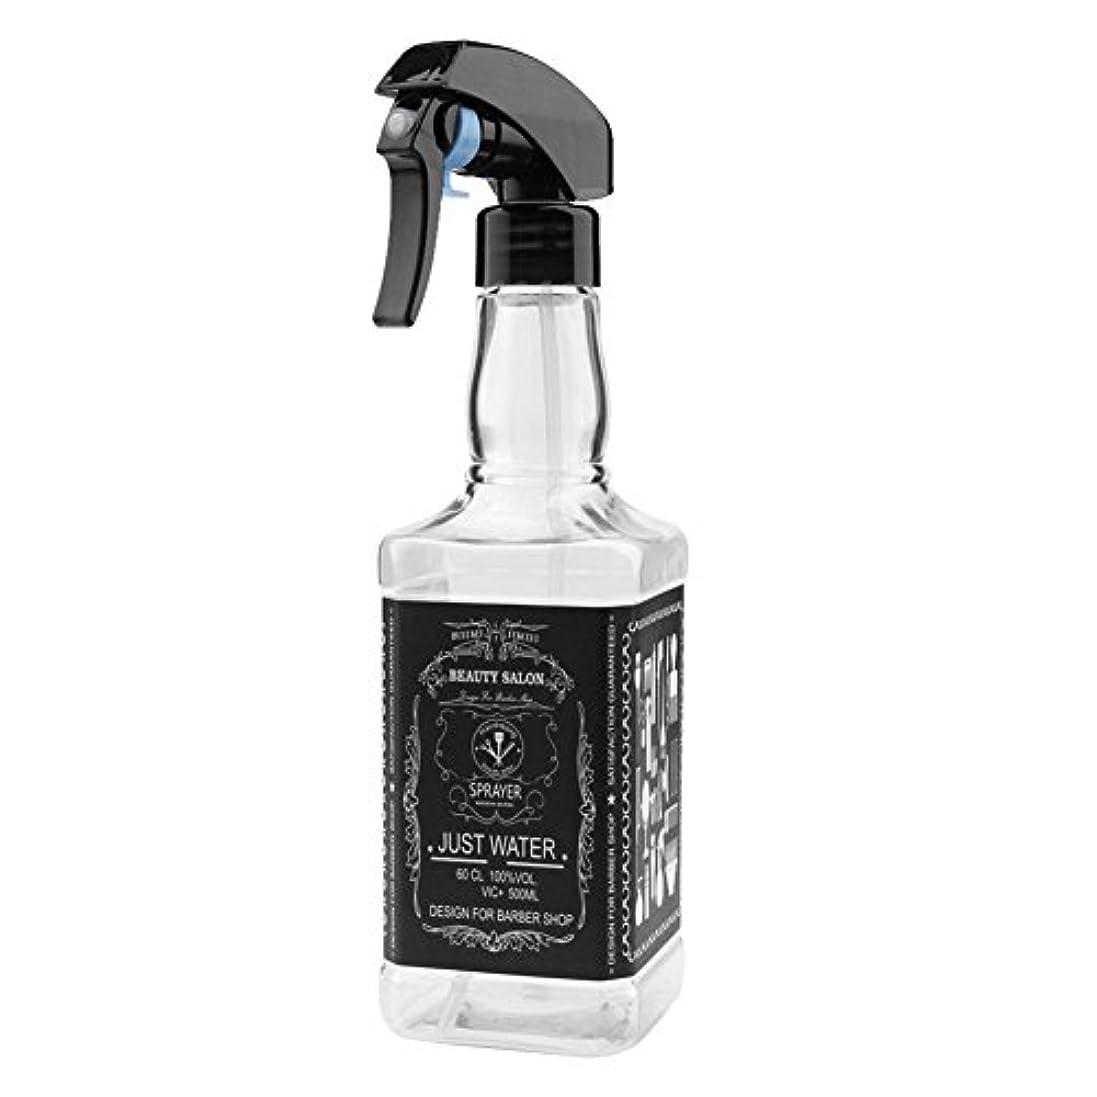 ロック解除異議バッフルEverpert スプレーボトル 噴霧器 噴霧 ボトル 理髪店 美容室 ガーデニング用 極細ミスト